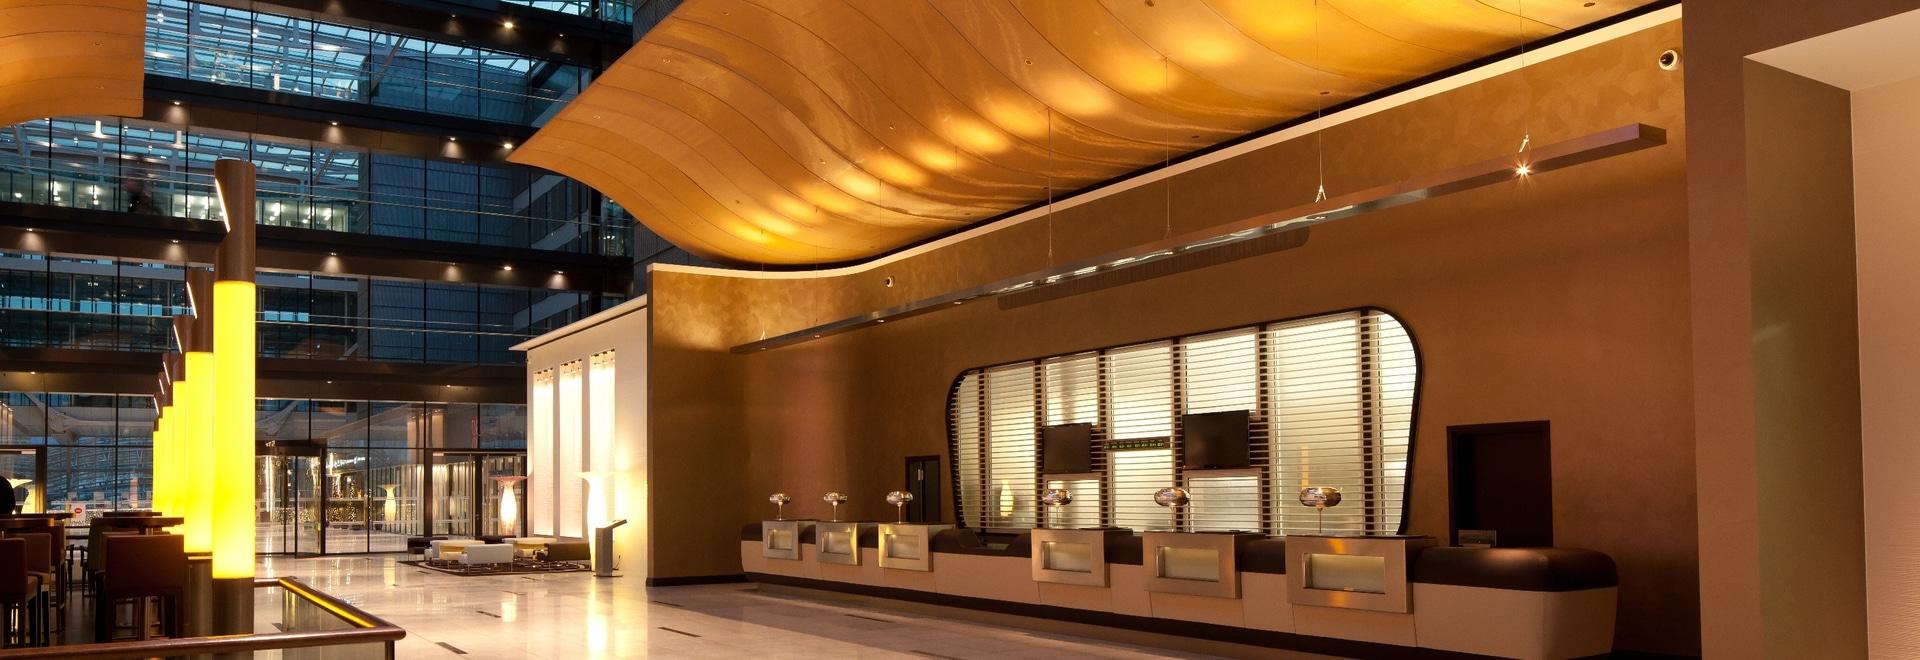 Begabtes Allroundtalent auf dem Gebiet der Flughafenarchitektur